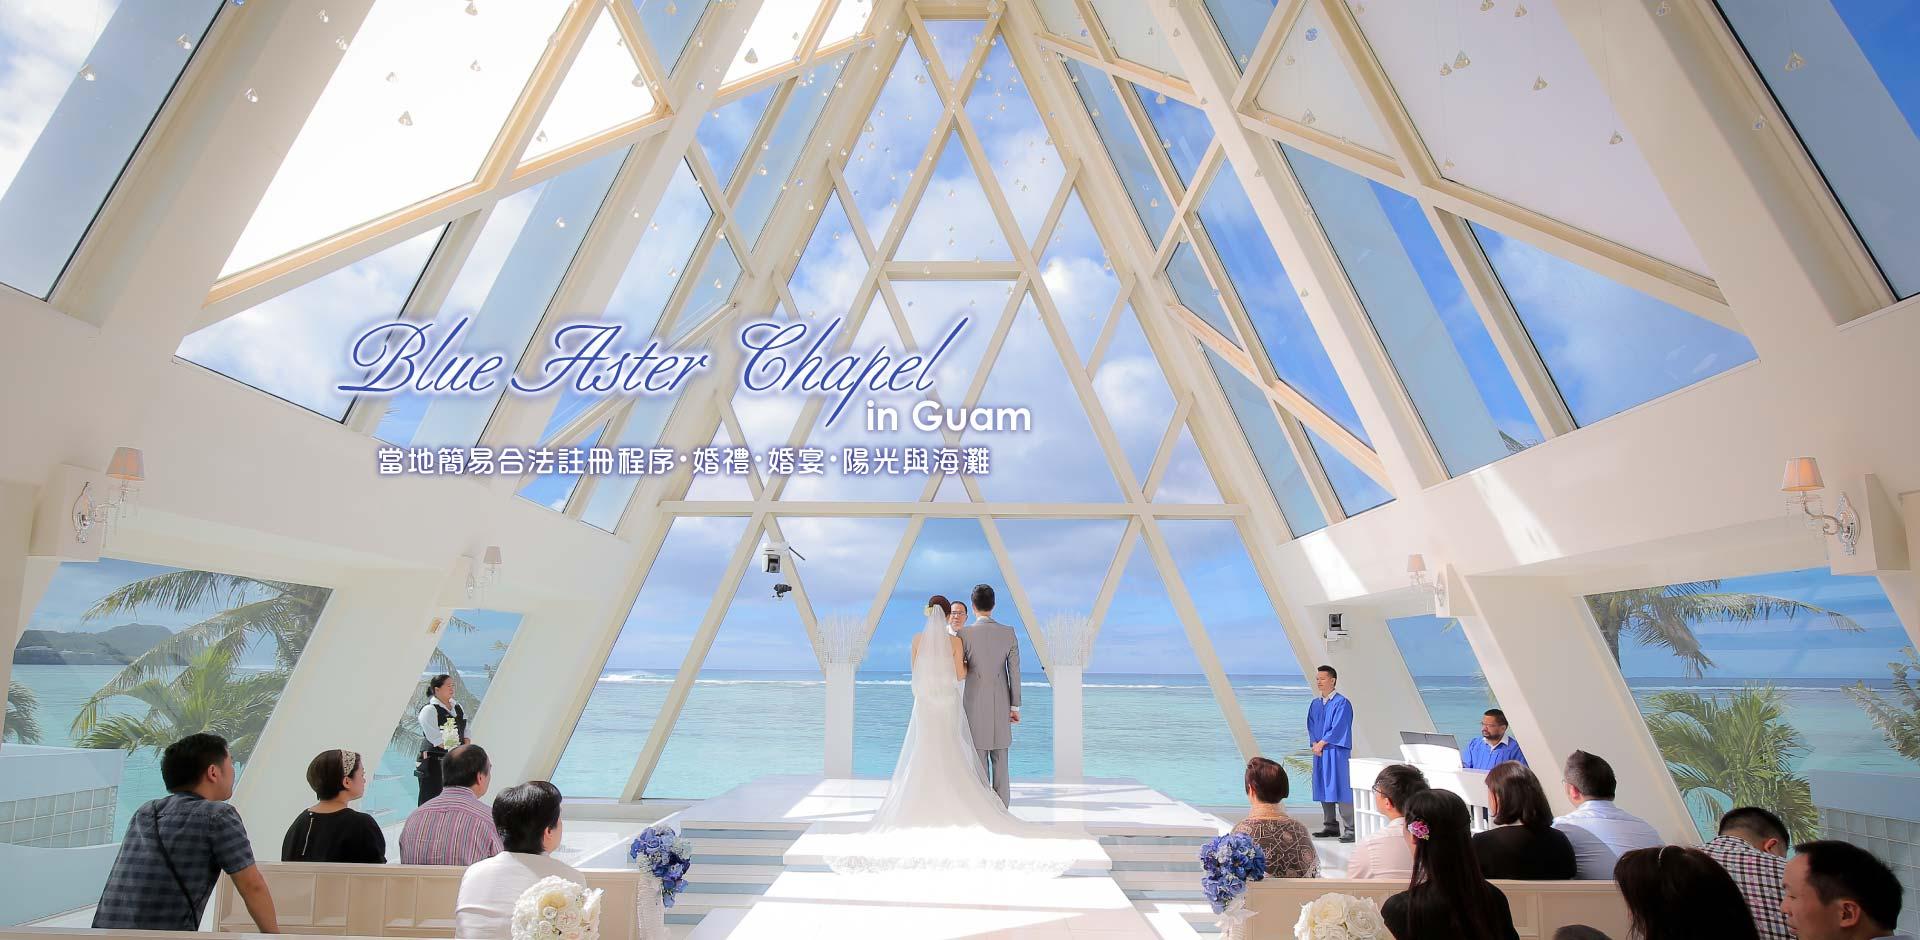 關島婚禮 Blue Aster 海外婚禮 旅行結婚 關島結婚 合法註冊 幸福藍星教堂 watabe